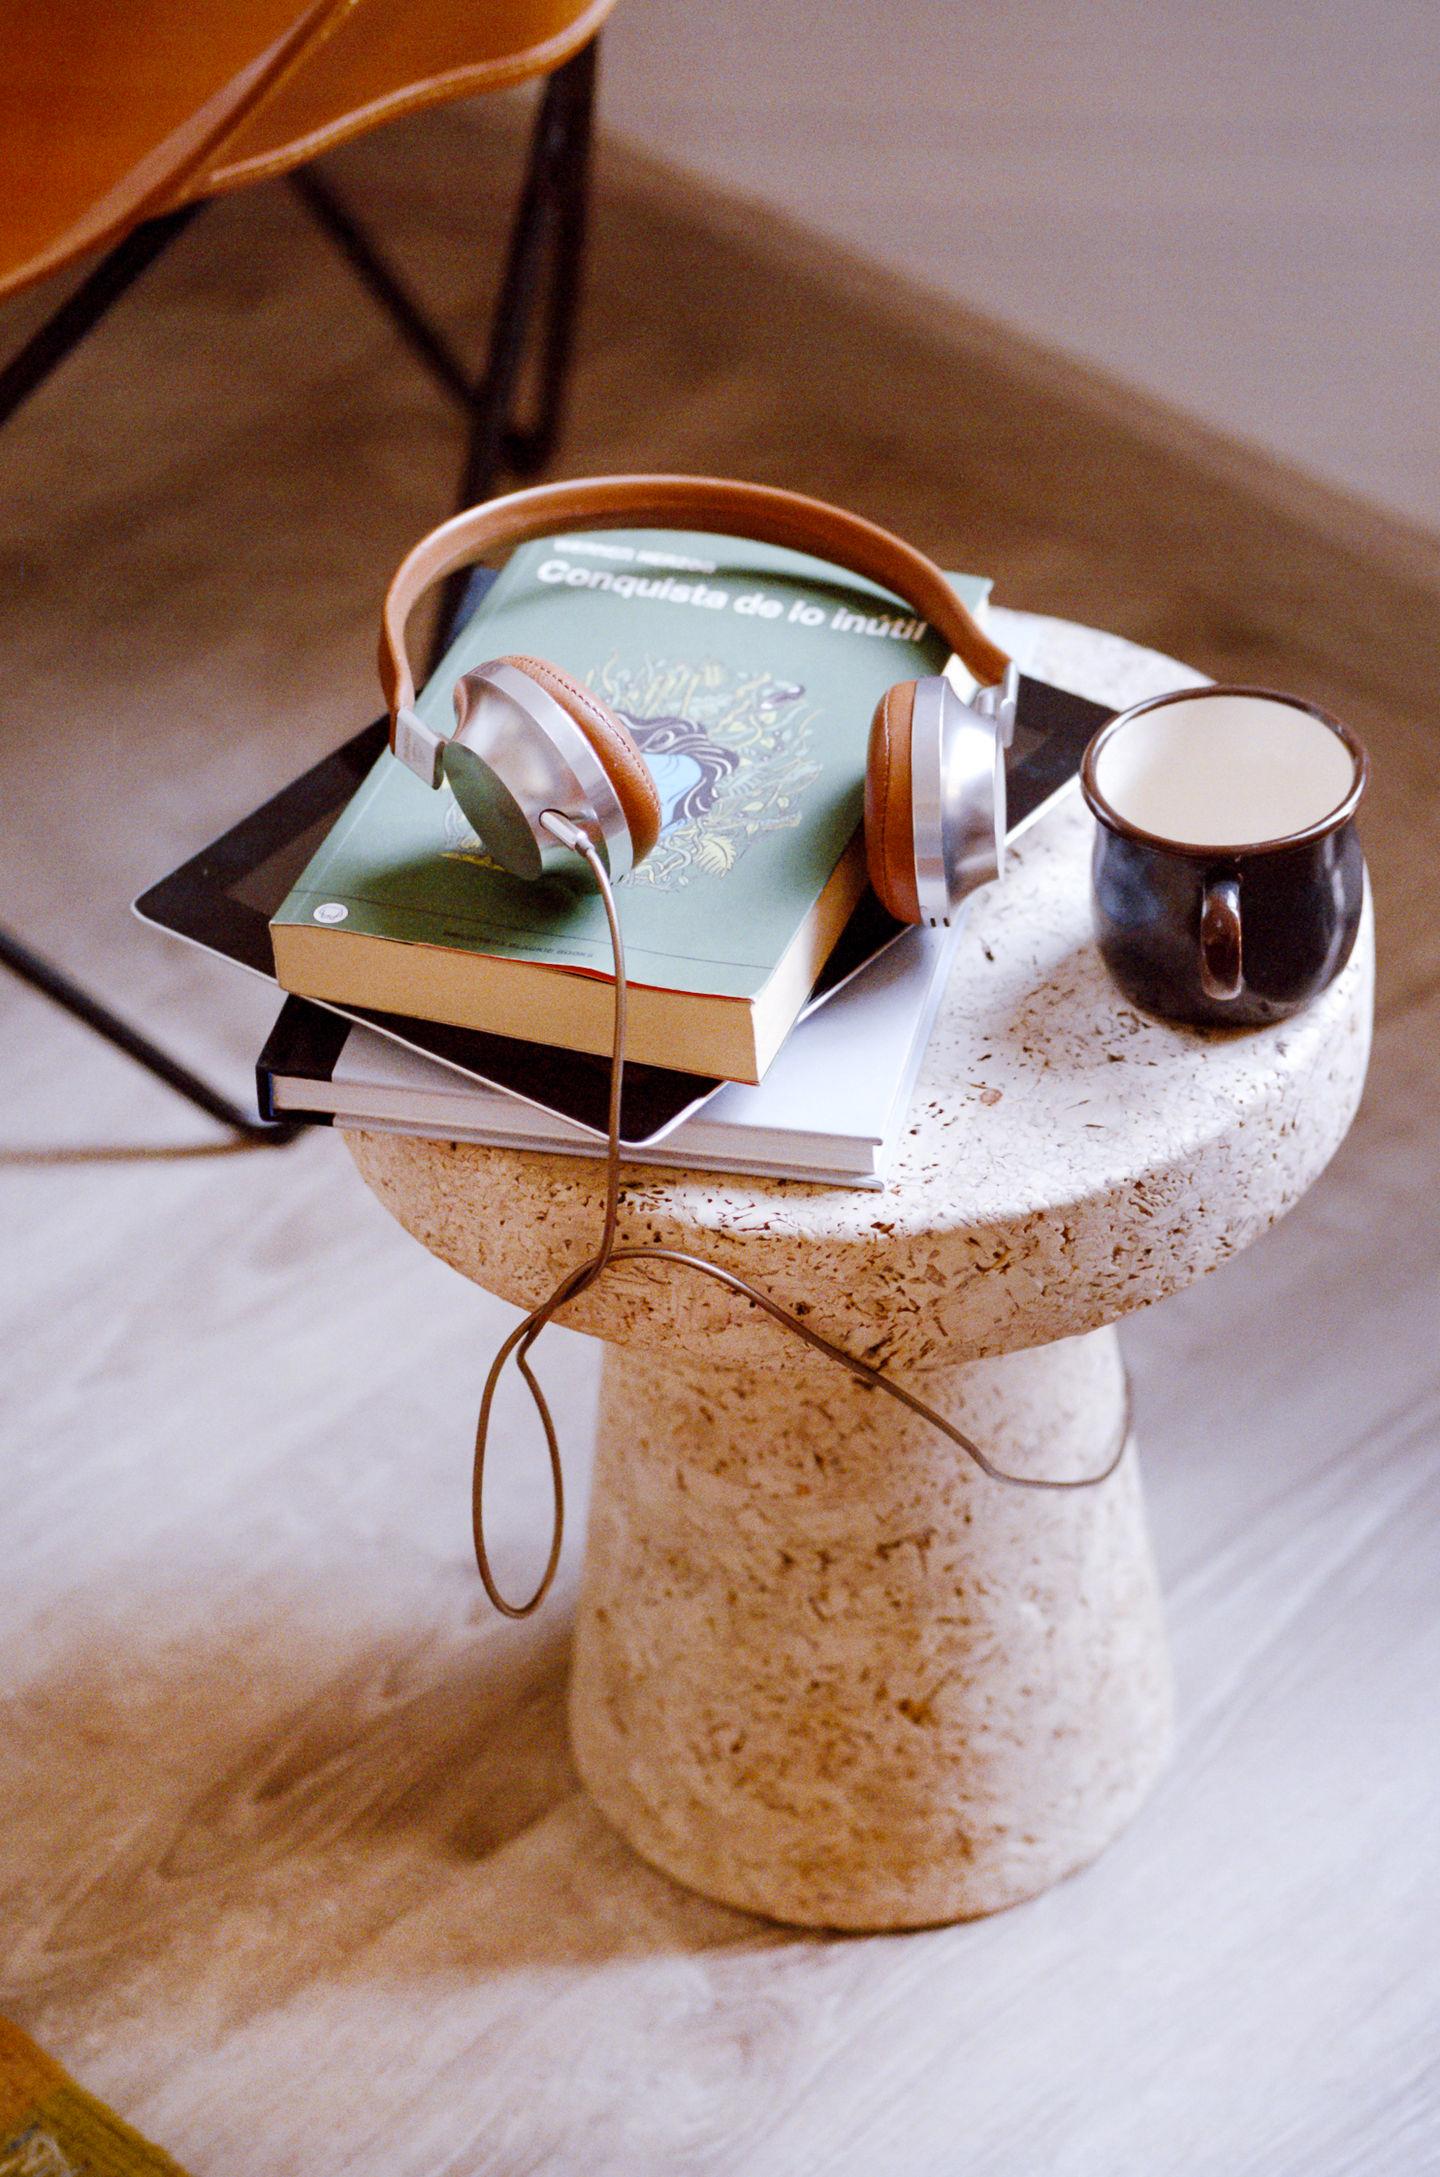 Crok er sidebord, krakk, sett blomster på den eller bruk det som nattbord. Bruk fantasien! Designet av Jasper Morrison.